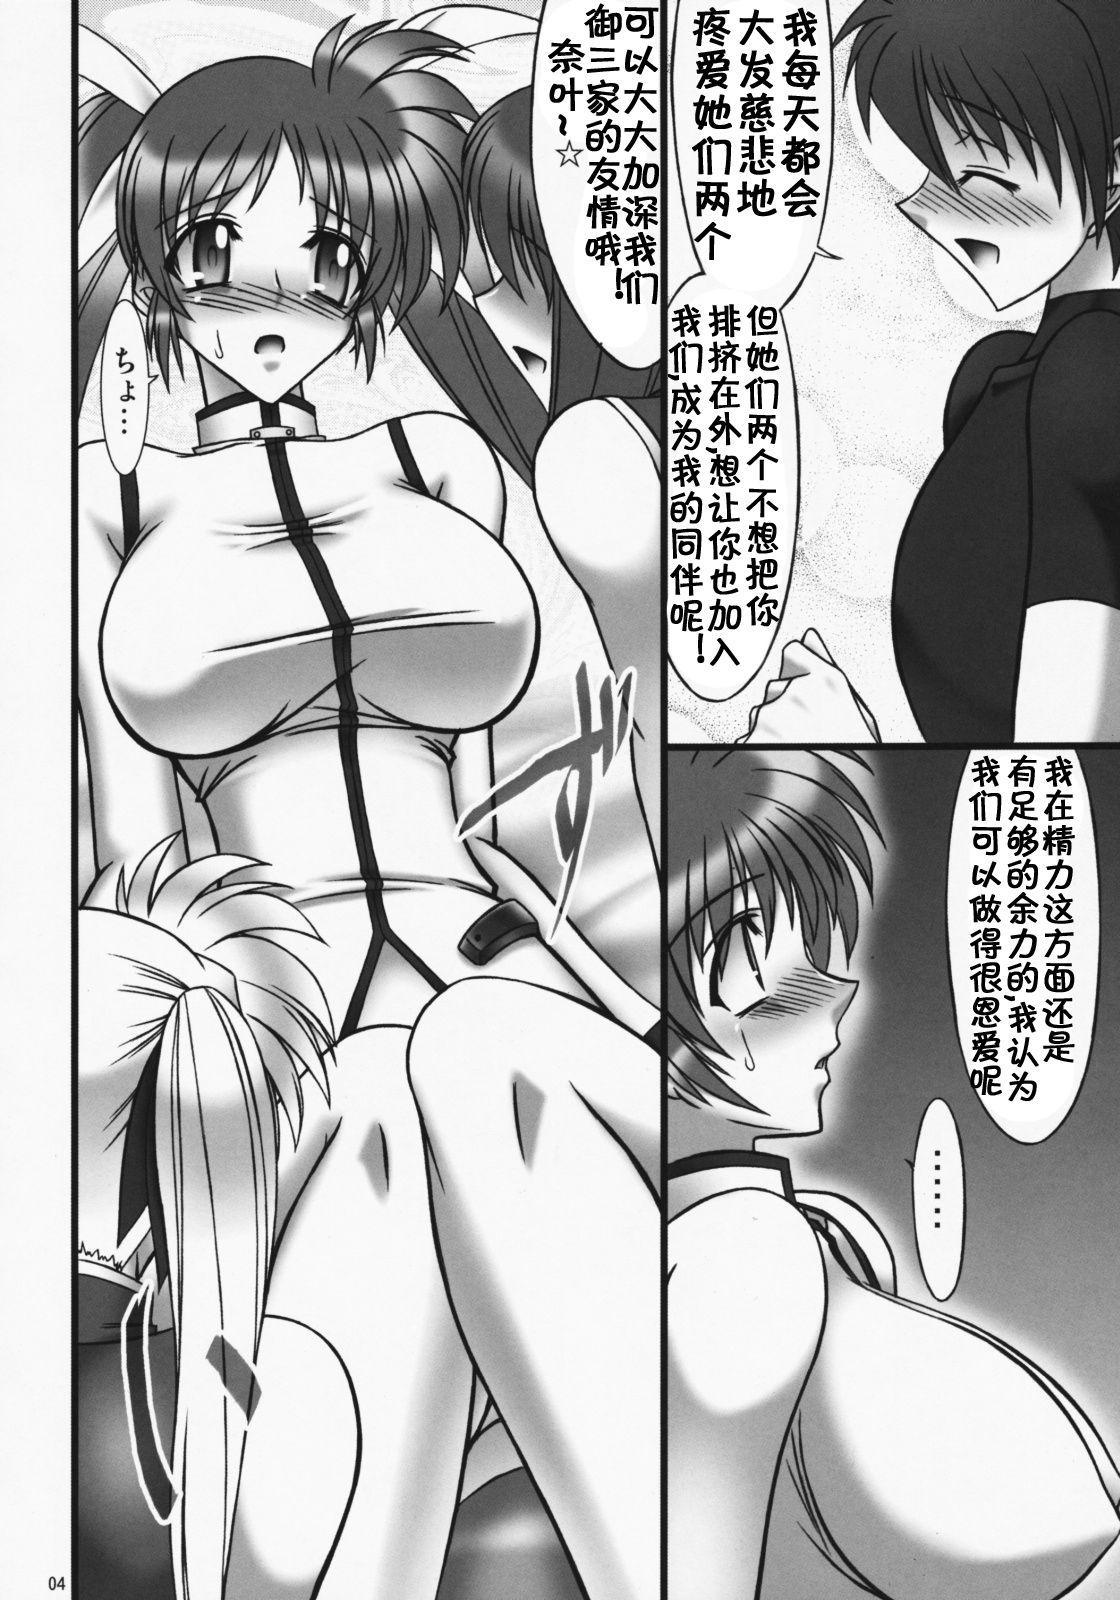 Angel's stroke 22 Datenshi Gekitsui 4